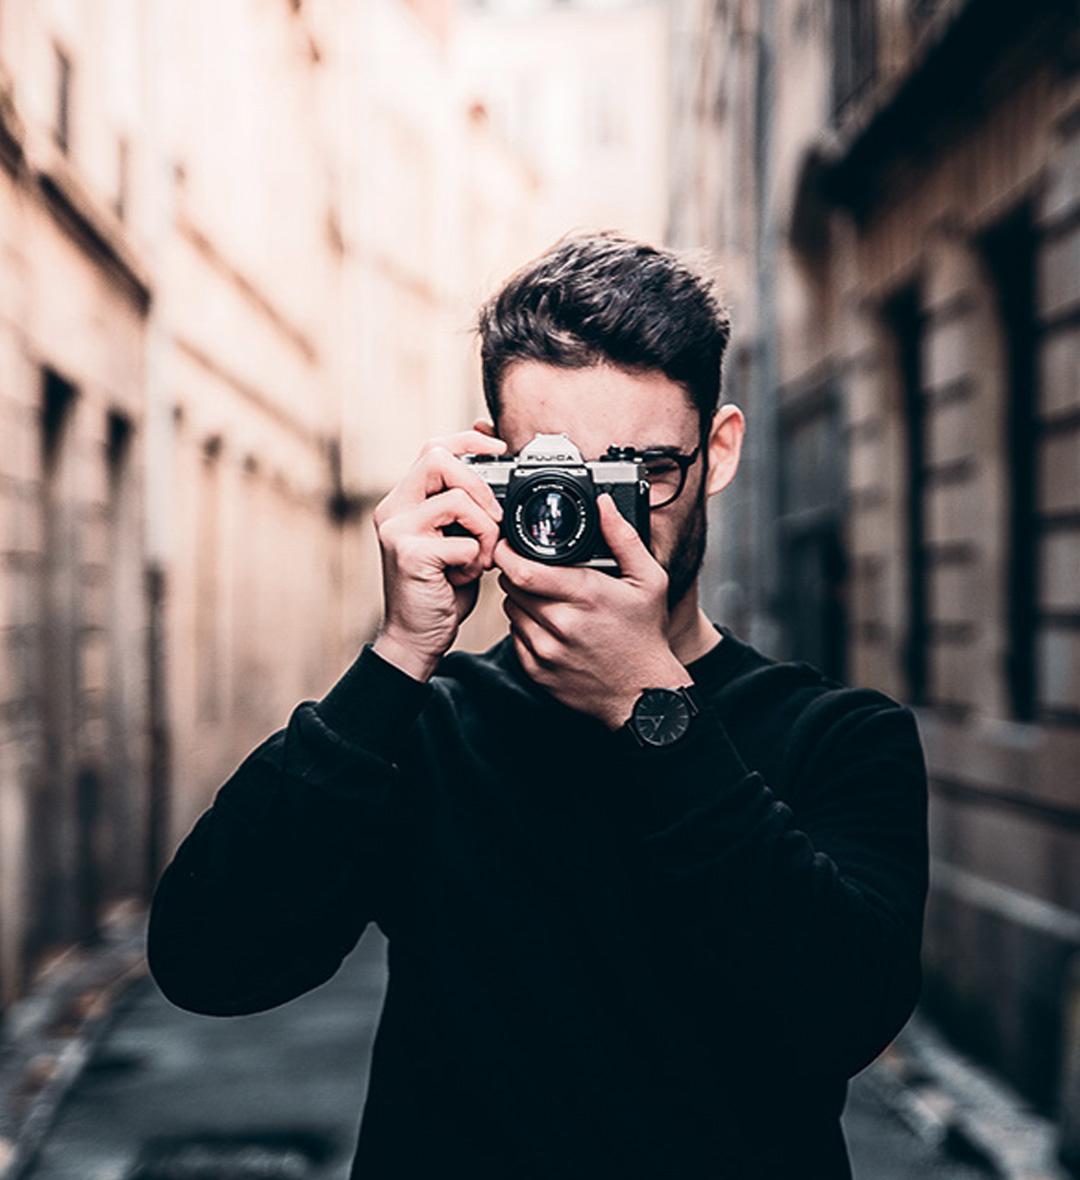 Photographe vidéaste Bordeaux : Louis Maniquet